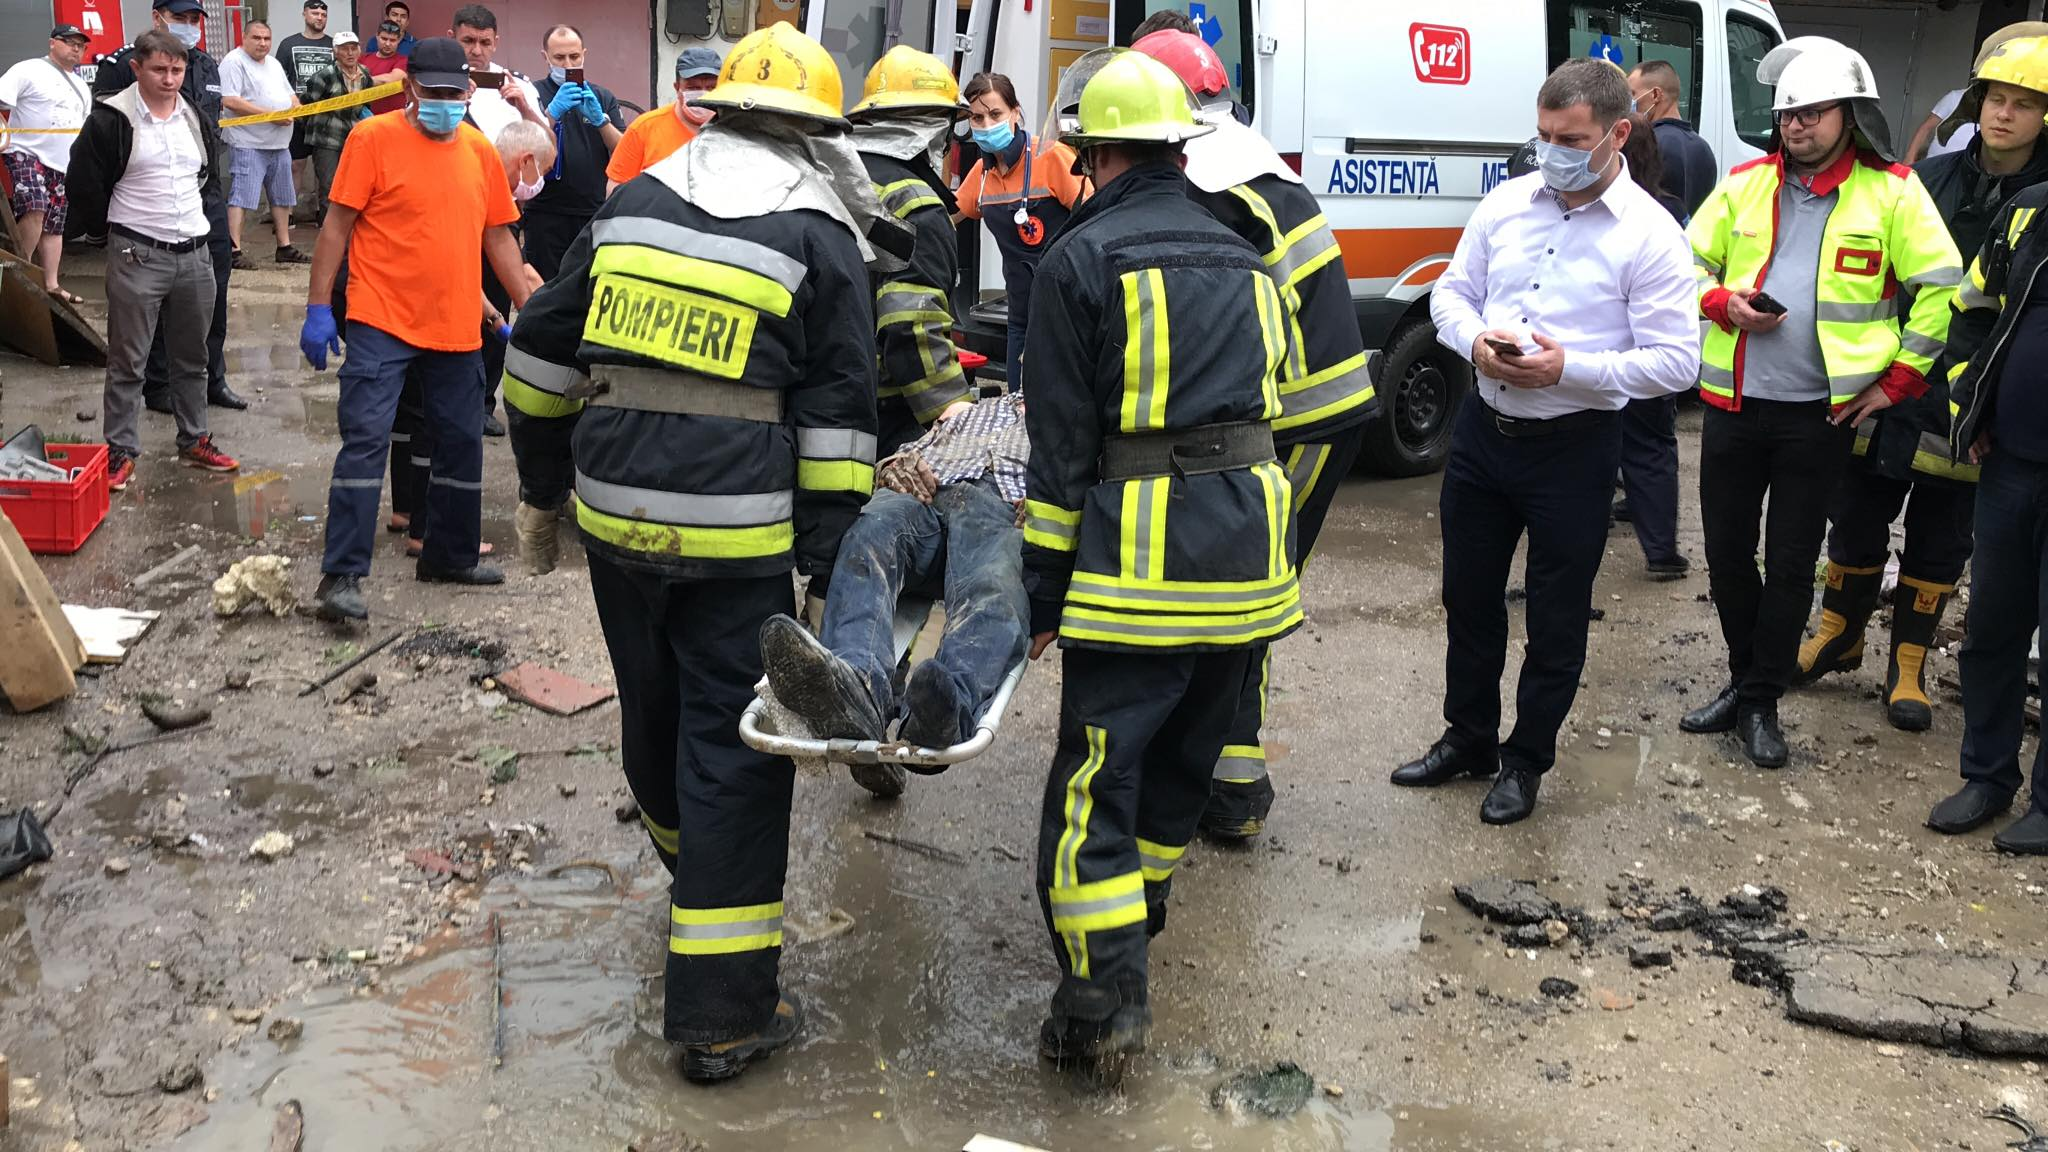 FOTO Explozie într-un garaj din capitală. Un bărbat a fost prins printre dărâmături